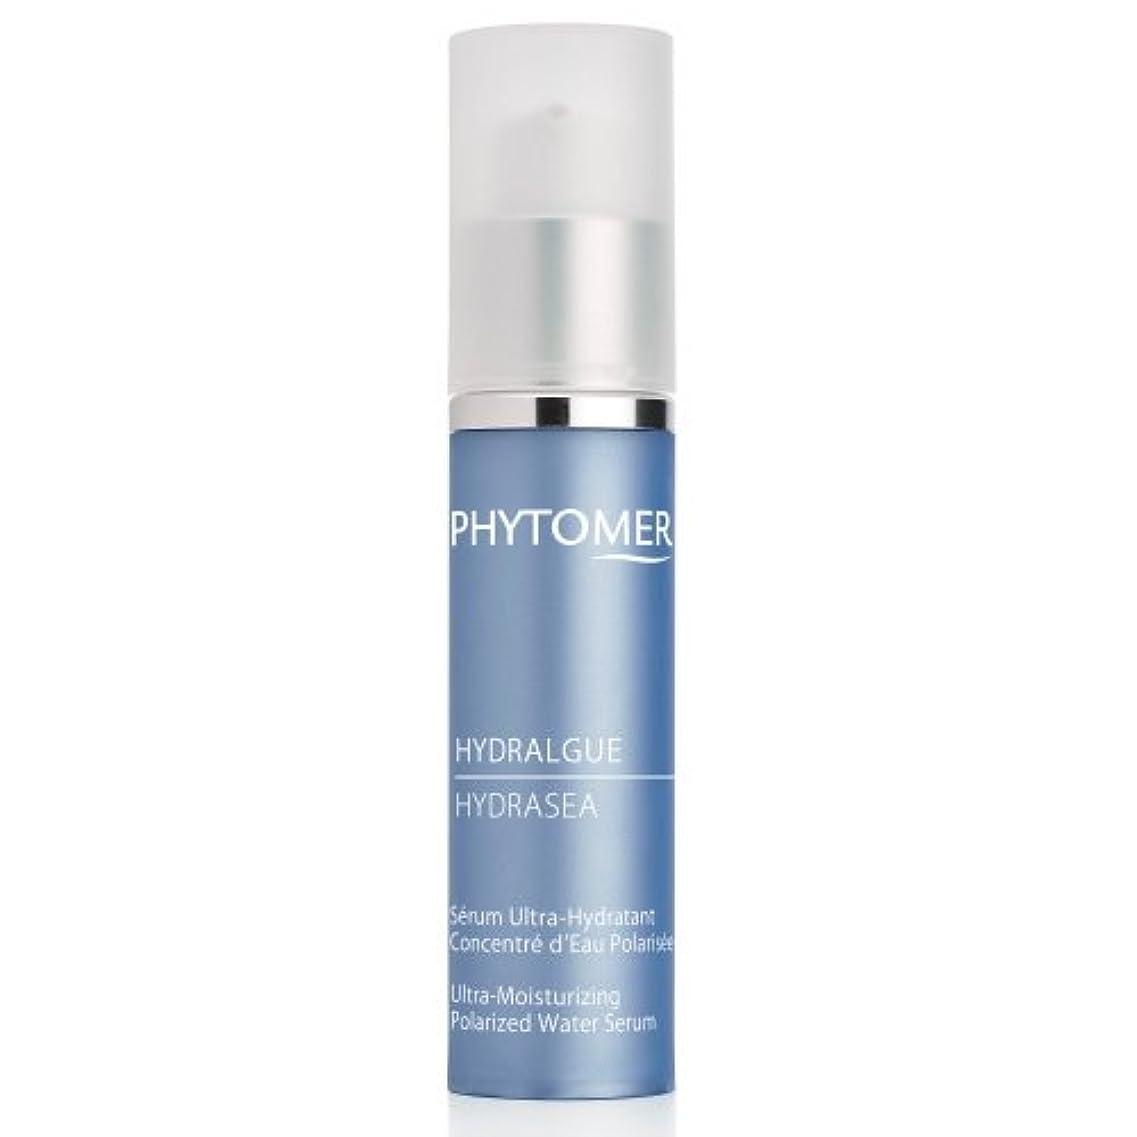 テスピアン空虚イチゴPhytomer Hydrasea Ultra-Moisturizing Polarized Water Serum 30ml並行輸入品